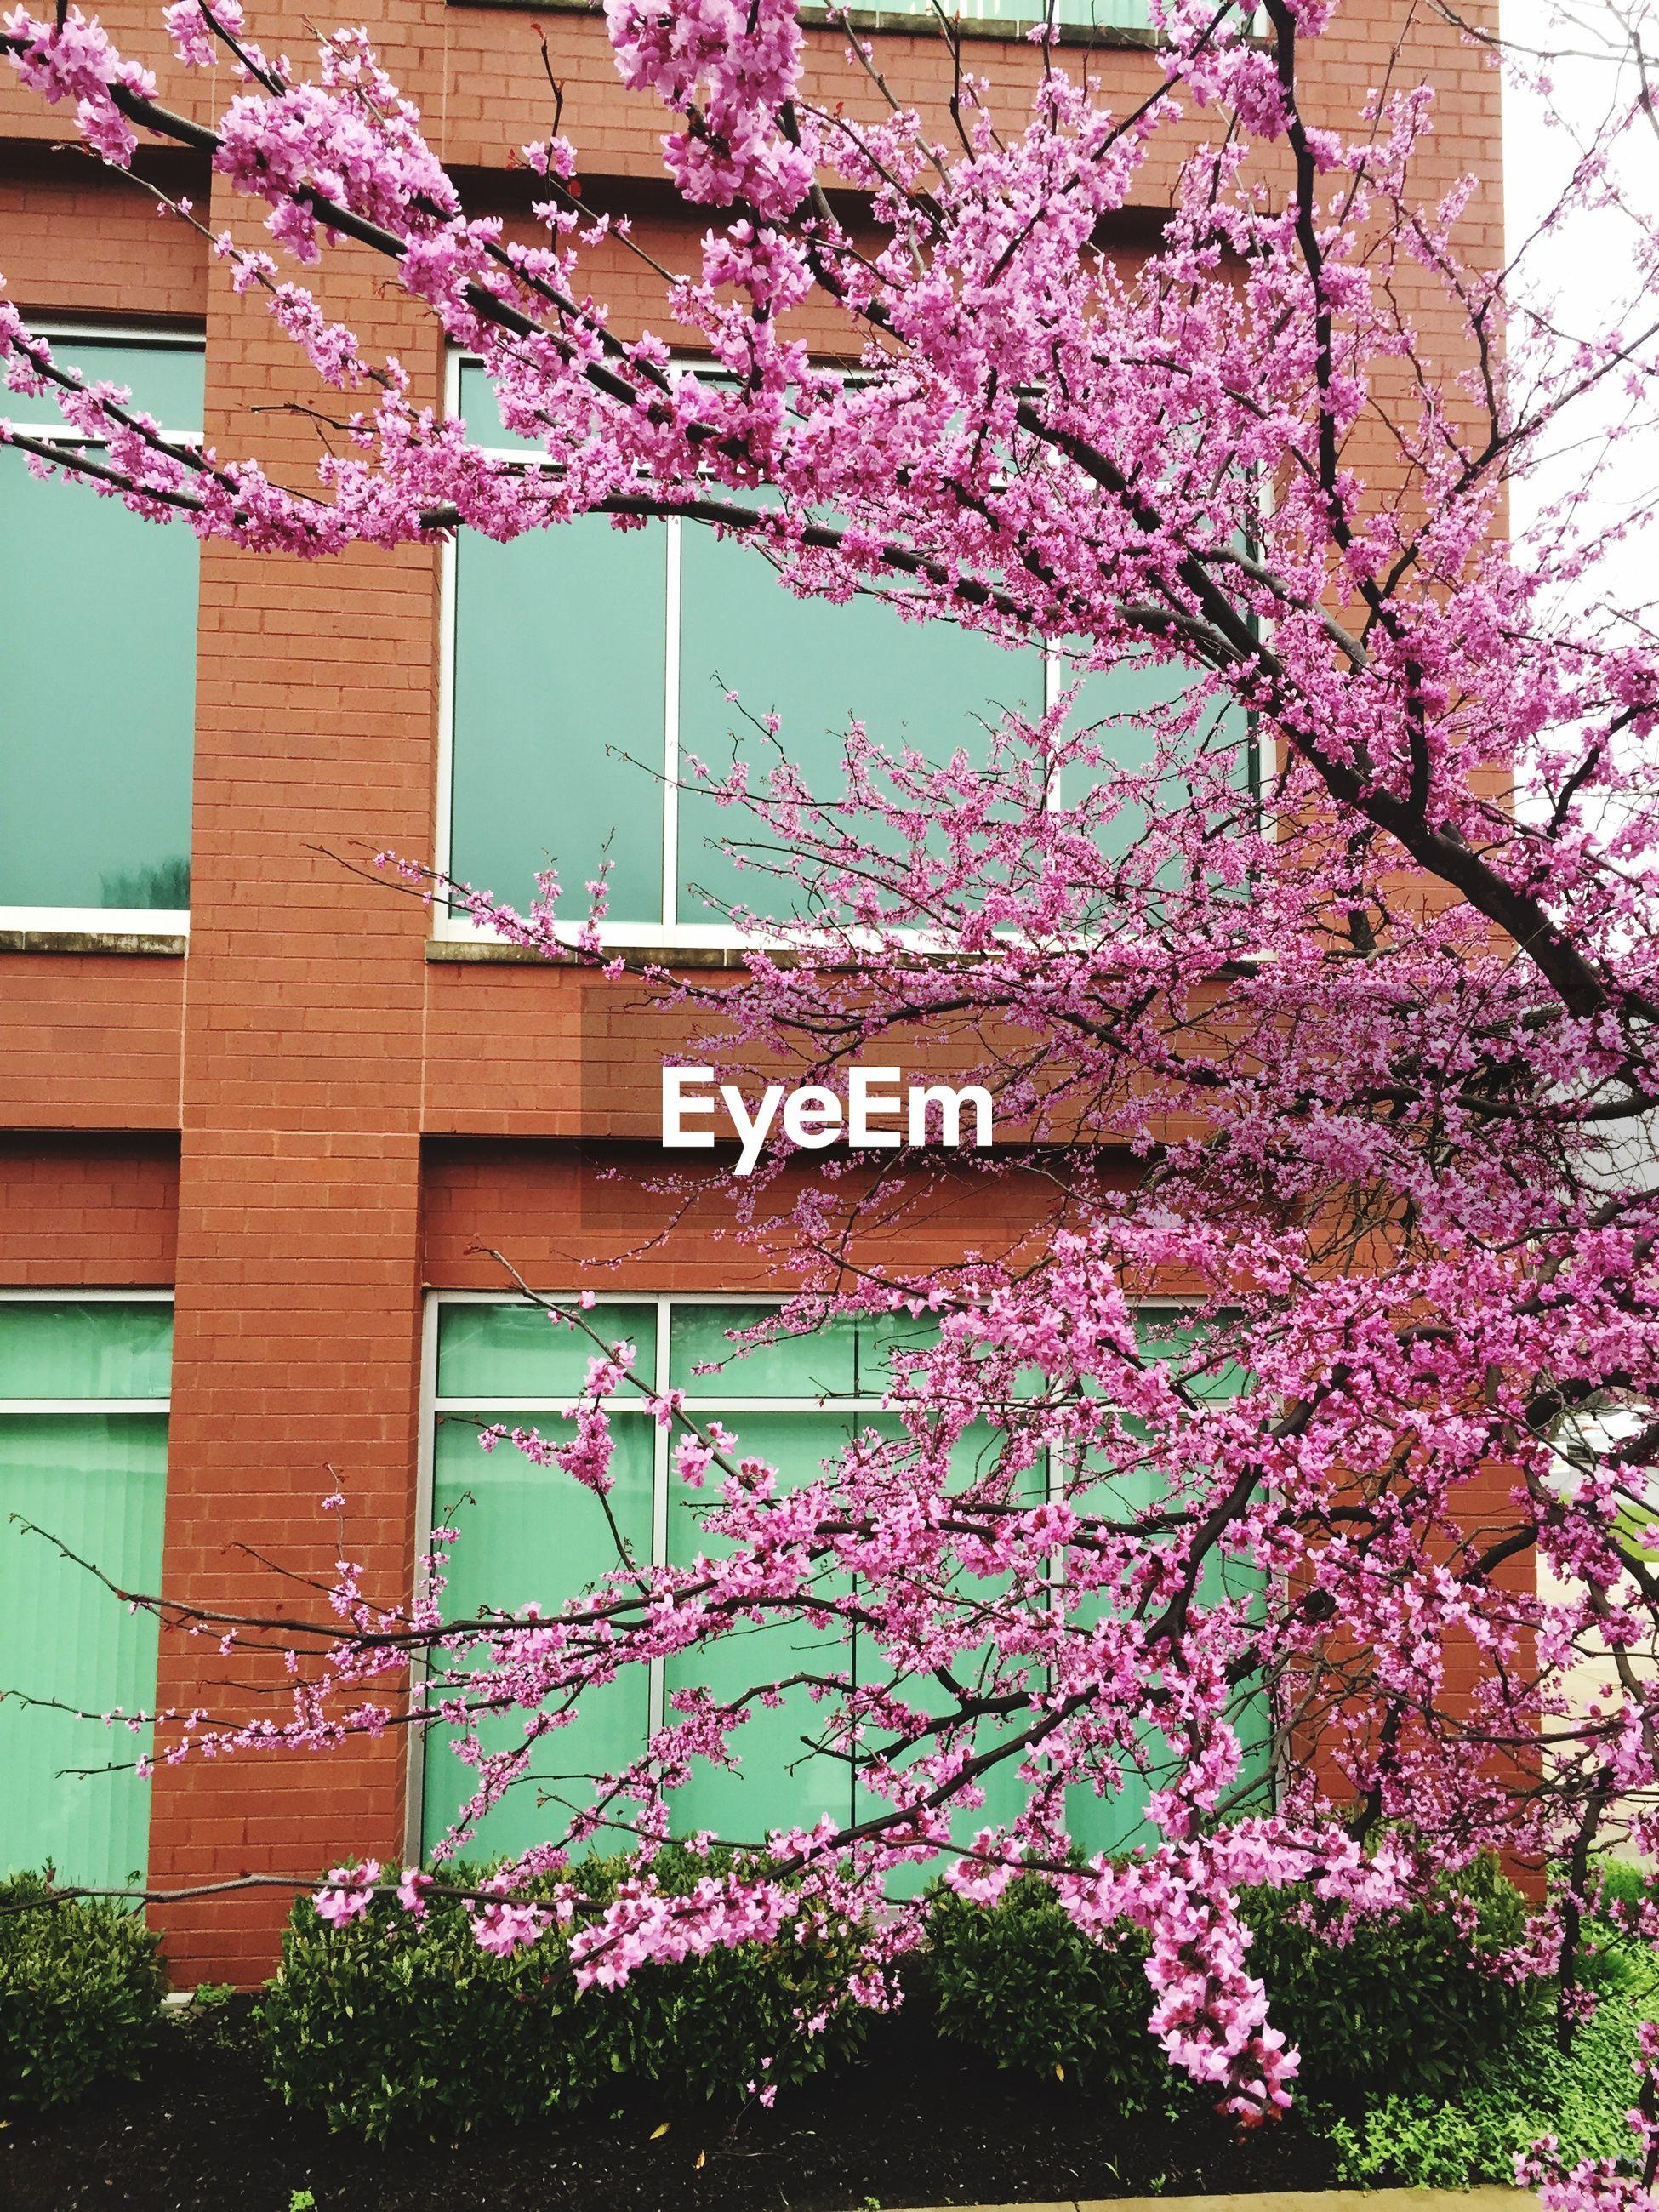 Tree in bloom against building